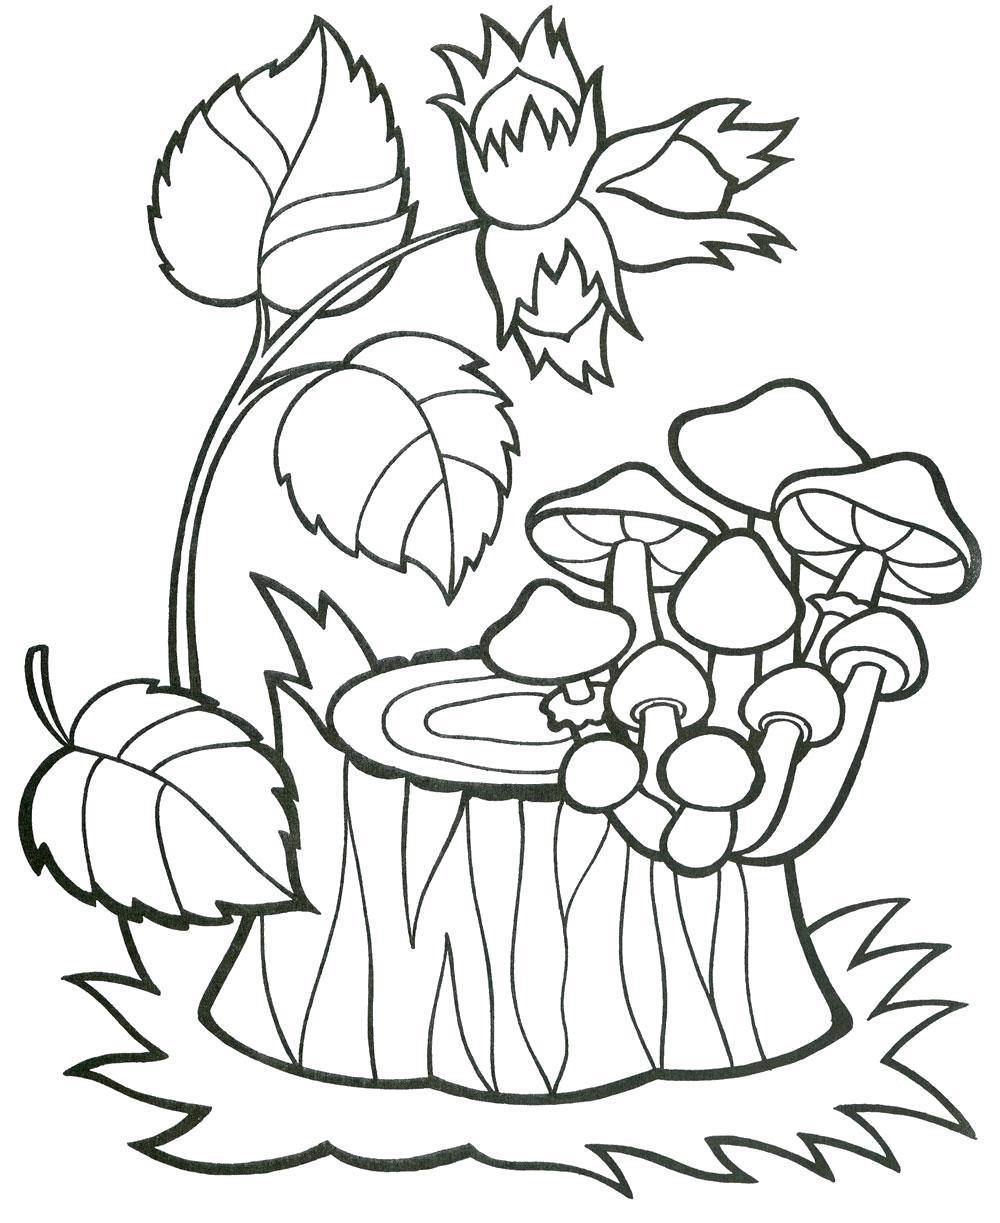 Название: Раскраска Древесные грибы на пне. Категория: . Теги: .